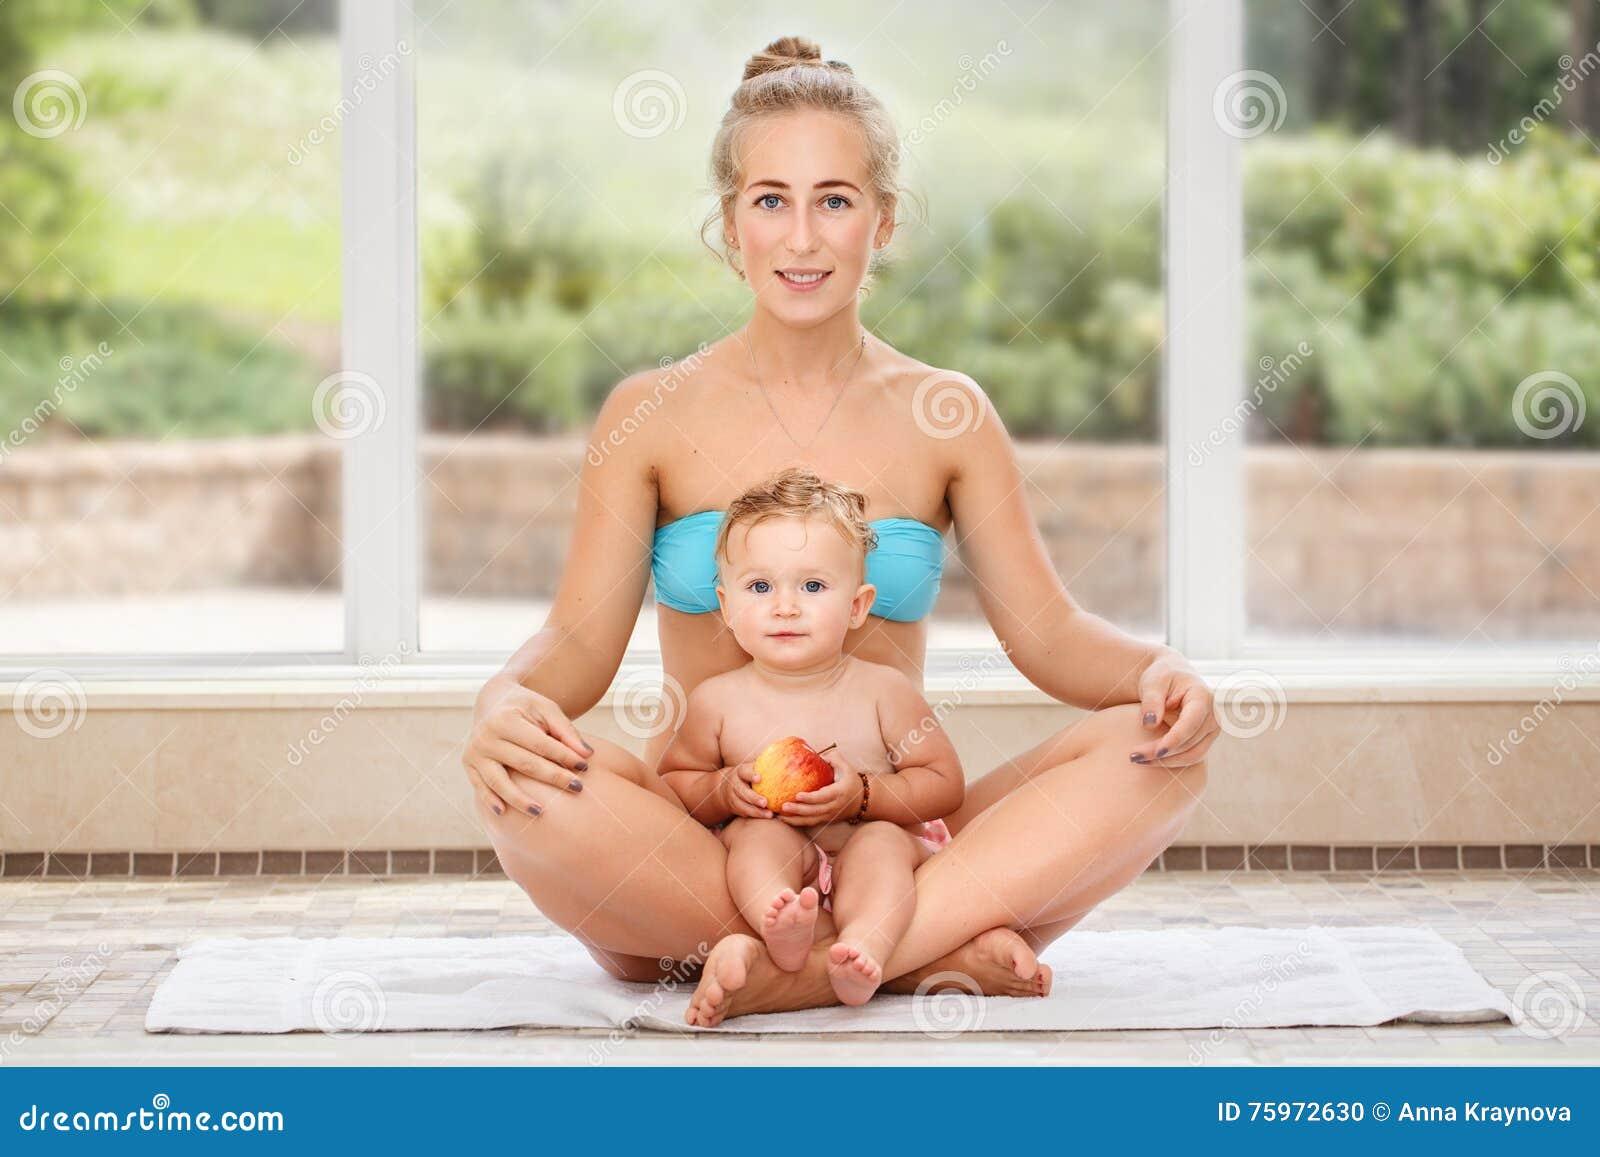 Το πορτρέτο ομάδας της λευκιάς καυκάσιας κόρης μητέρων και μωρών που κάνει τη γιόγκα ασκήσεων φυσικής ικανότητας που κάθεται μαζί